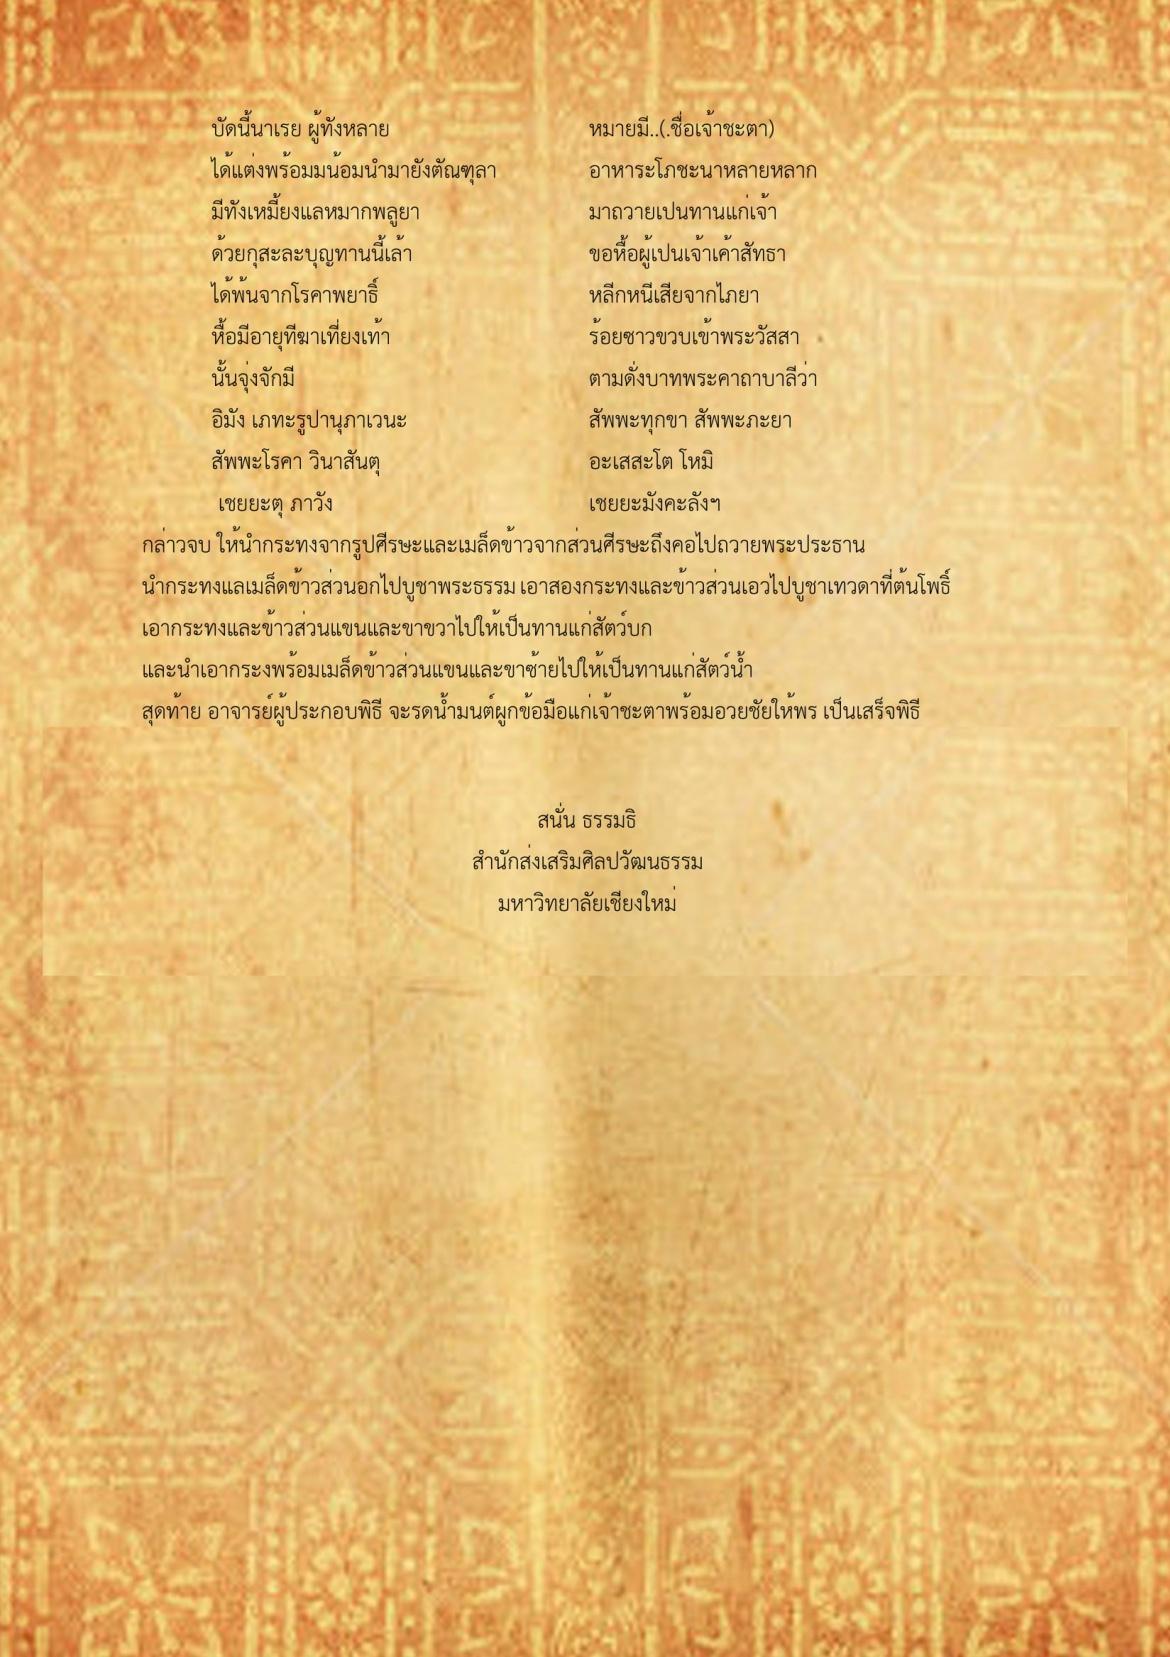 ปูชาข้าวม้างรูป - 19 กุมภาพันธ์ 2561